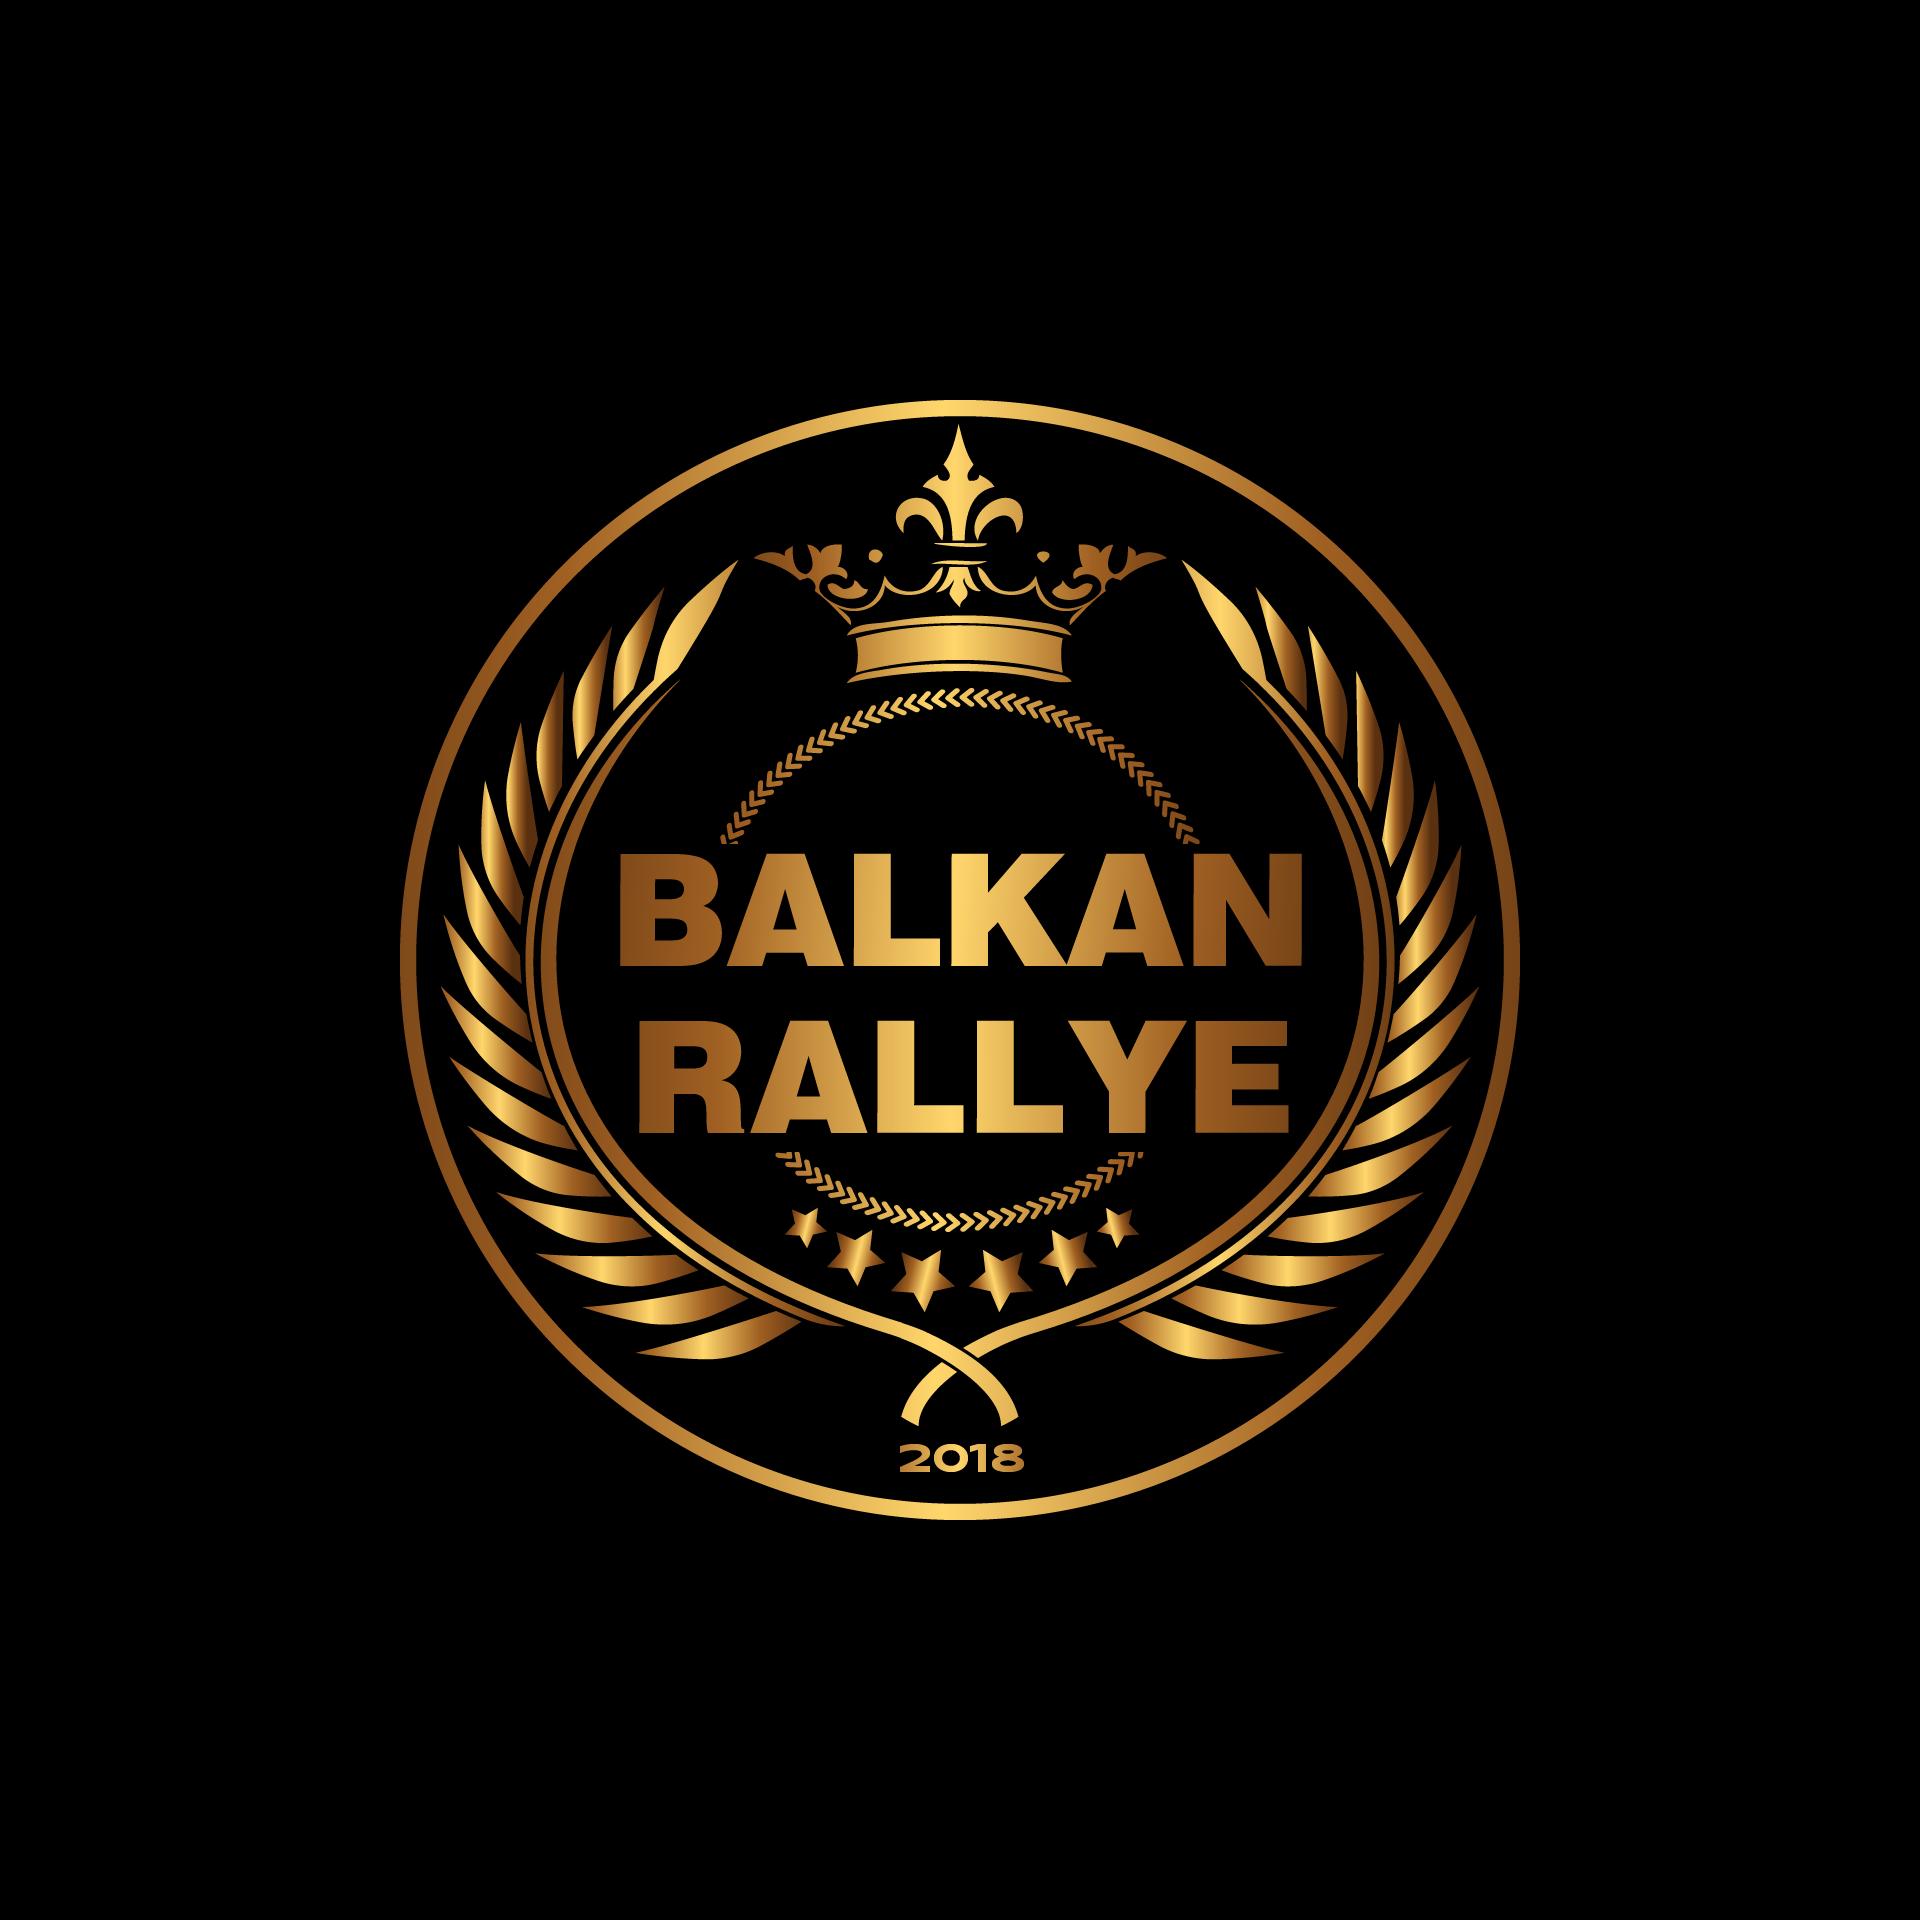 Balkan Rallye sucht kreative Köpfe für ein Logo